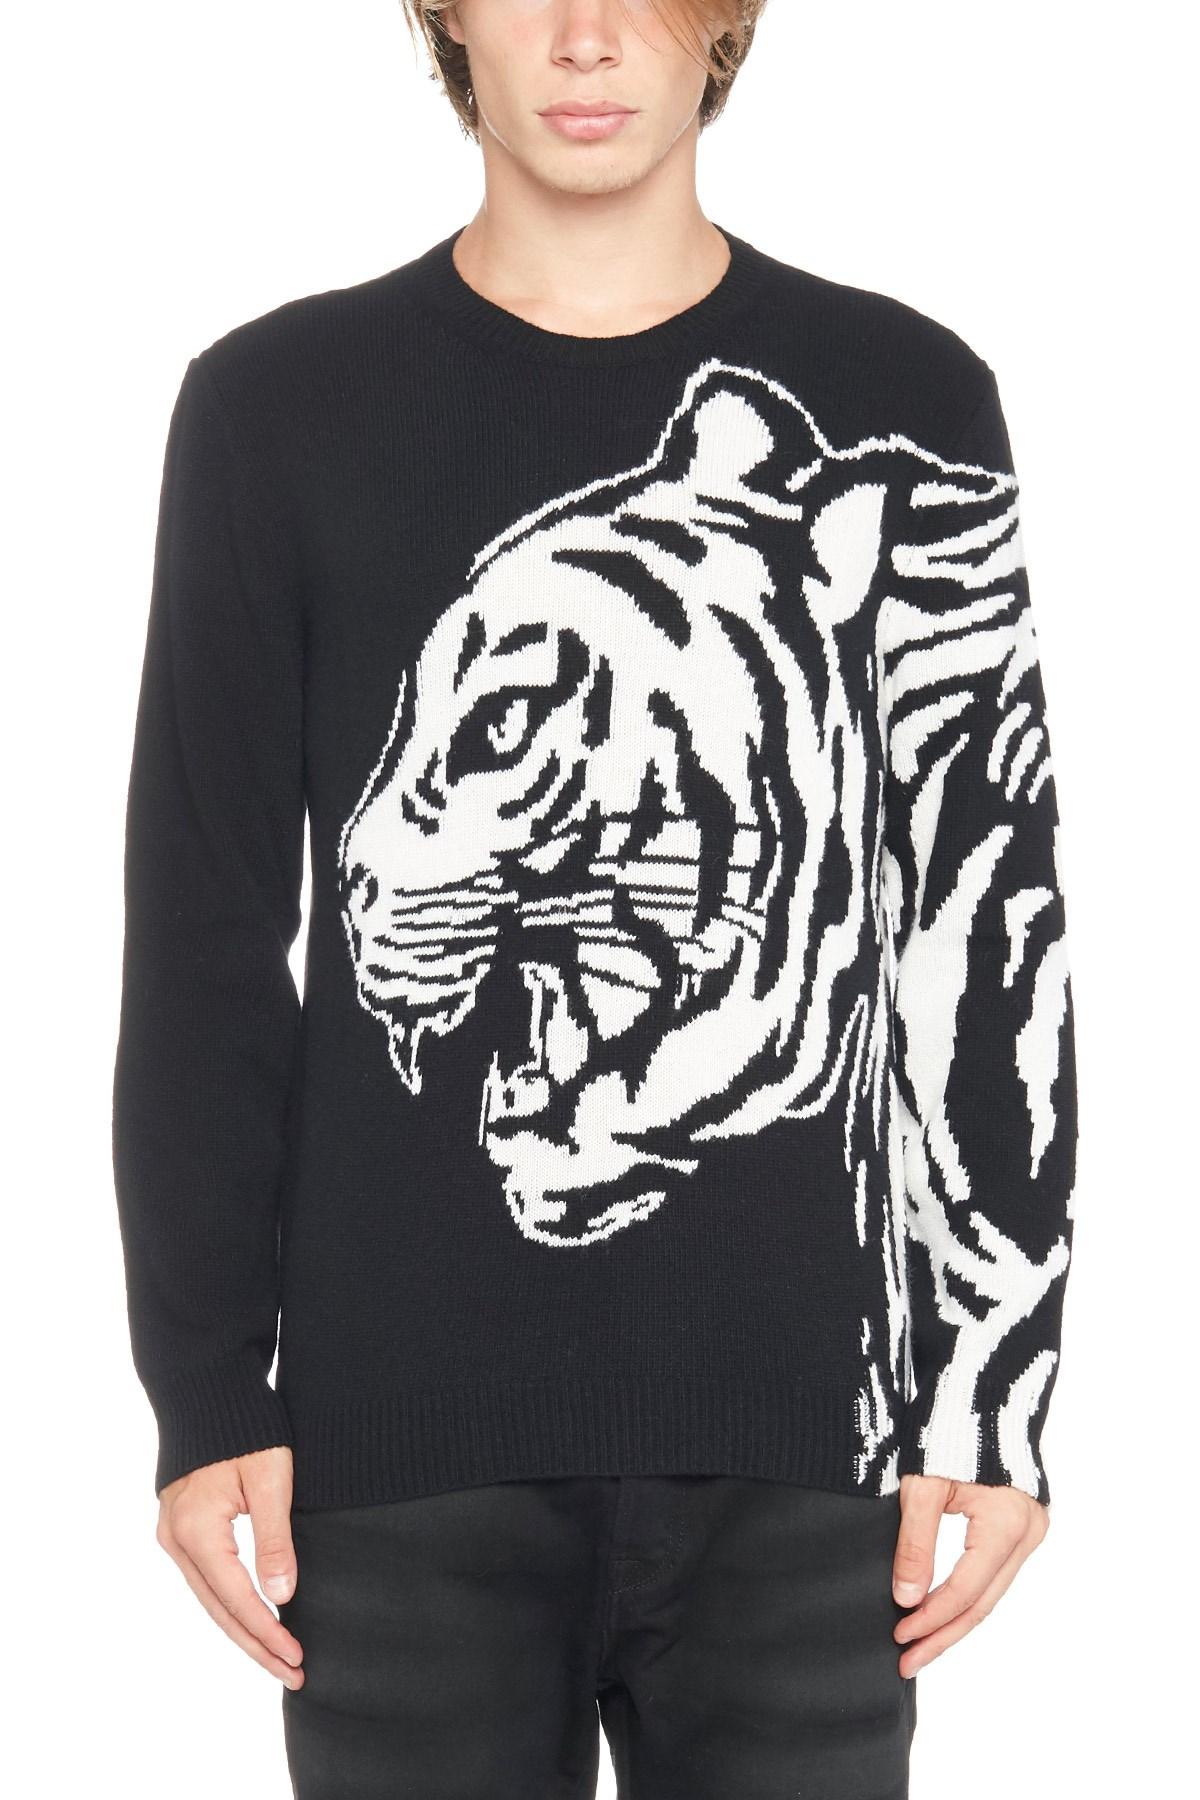 Maglia Maglia Con Valentino Intarsio Con Intarsio Tigre Tigre ZZPqxpSw